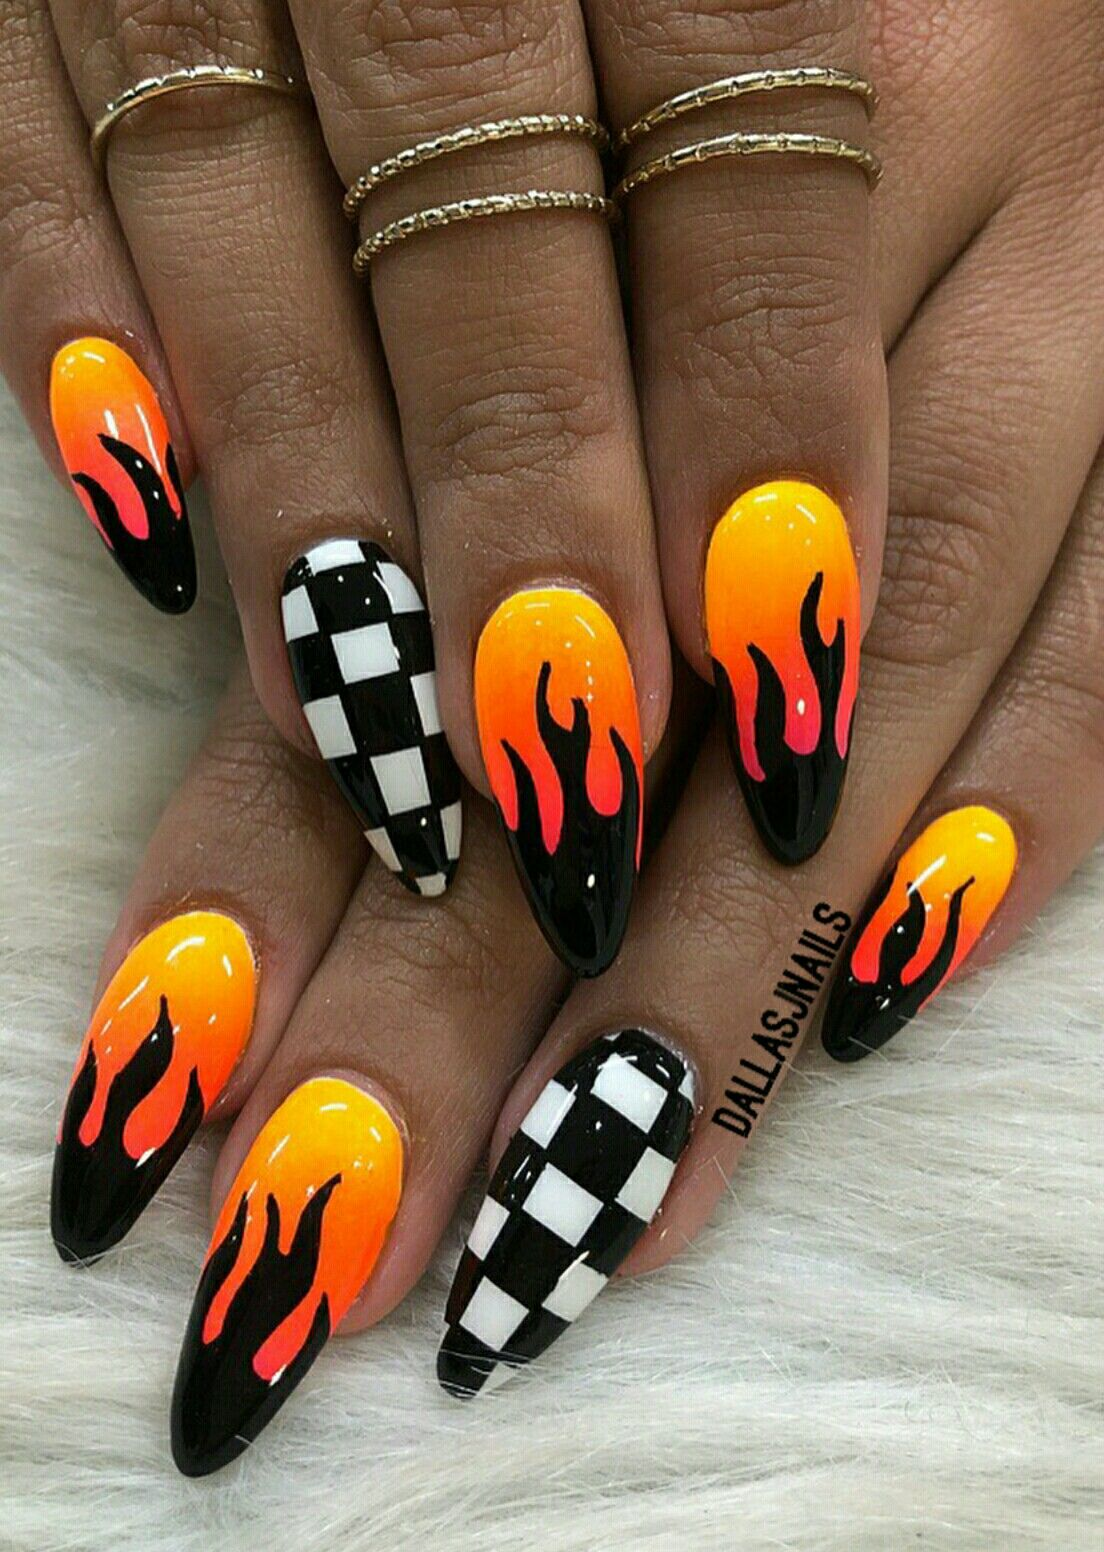 Pin By Jerobbins On Nails Checkered Nails Fire Nails Yellow Nails